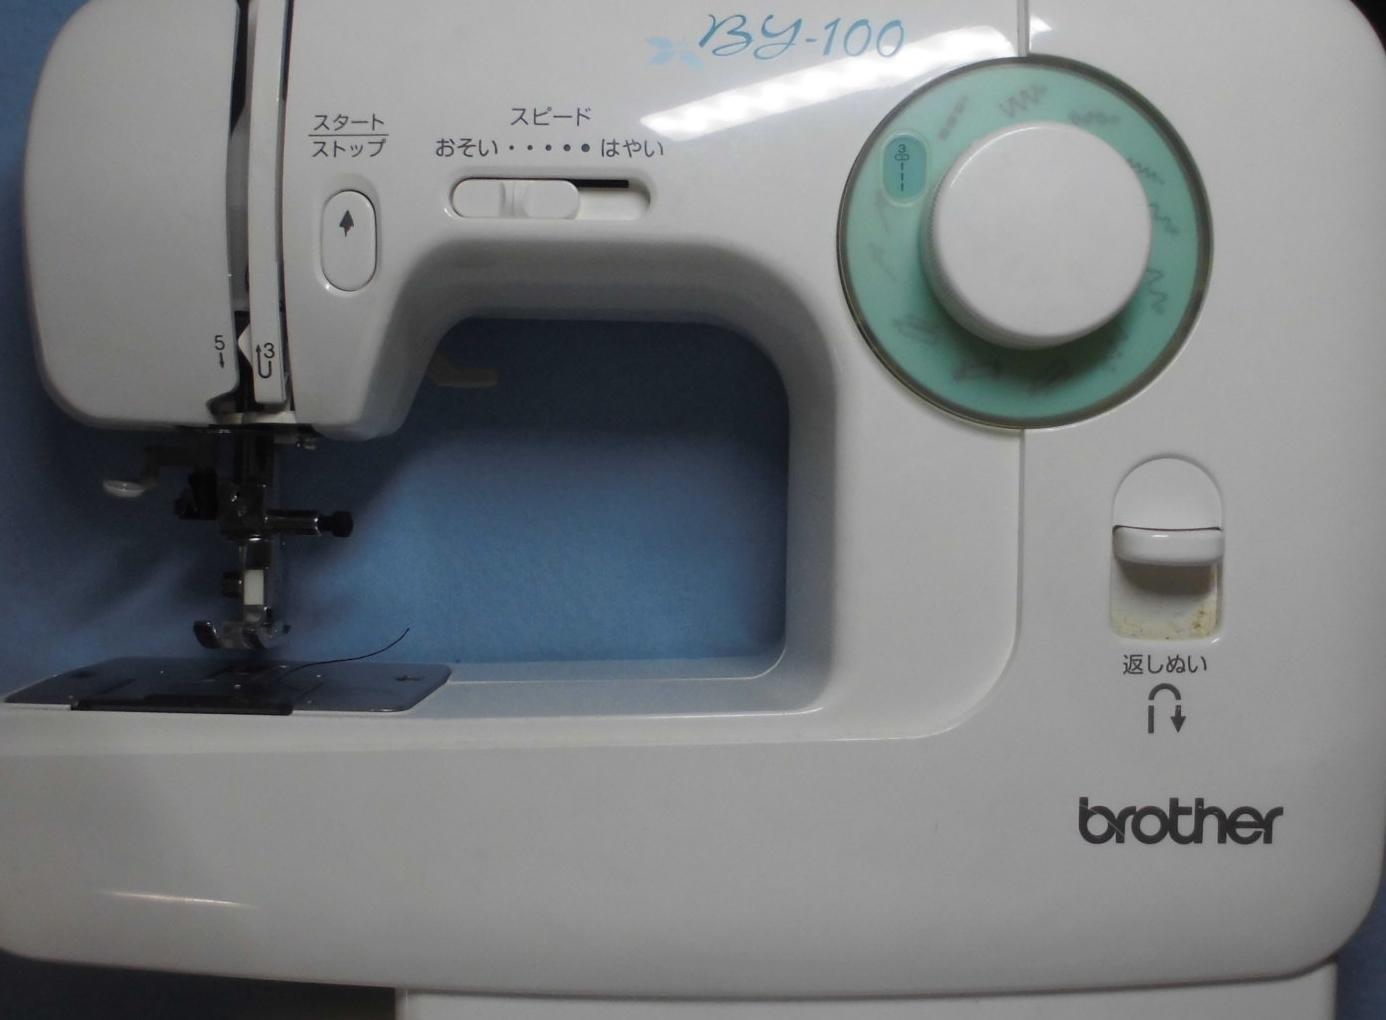 ブラザーミシン修理|BY-100 EL130|下糸を拾わない、縫えない、釜が動かない